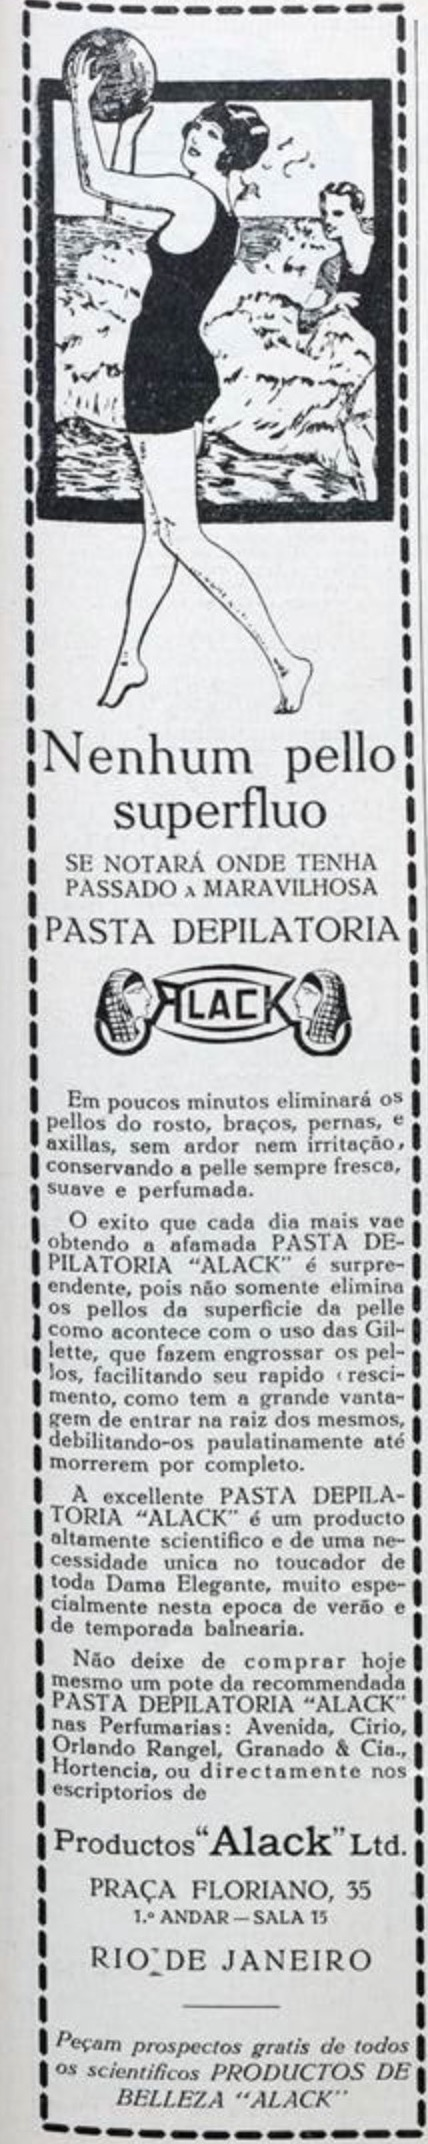 Propaganda antiga do creme depilatório Alack veiculada em 1929